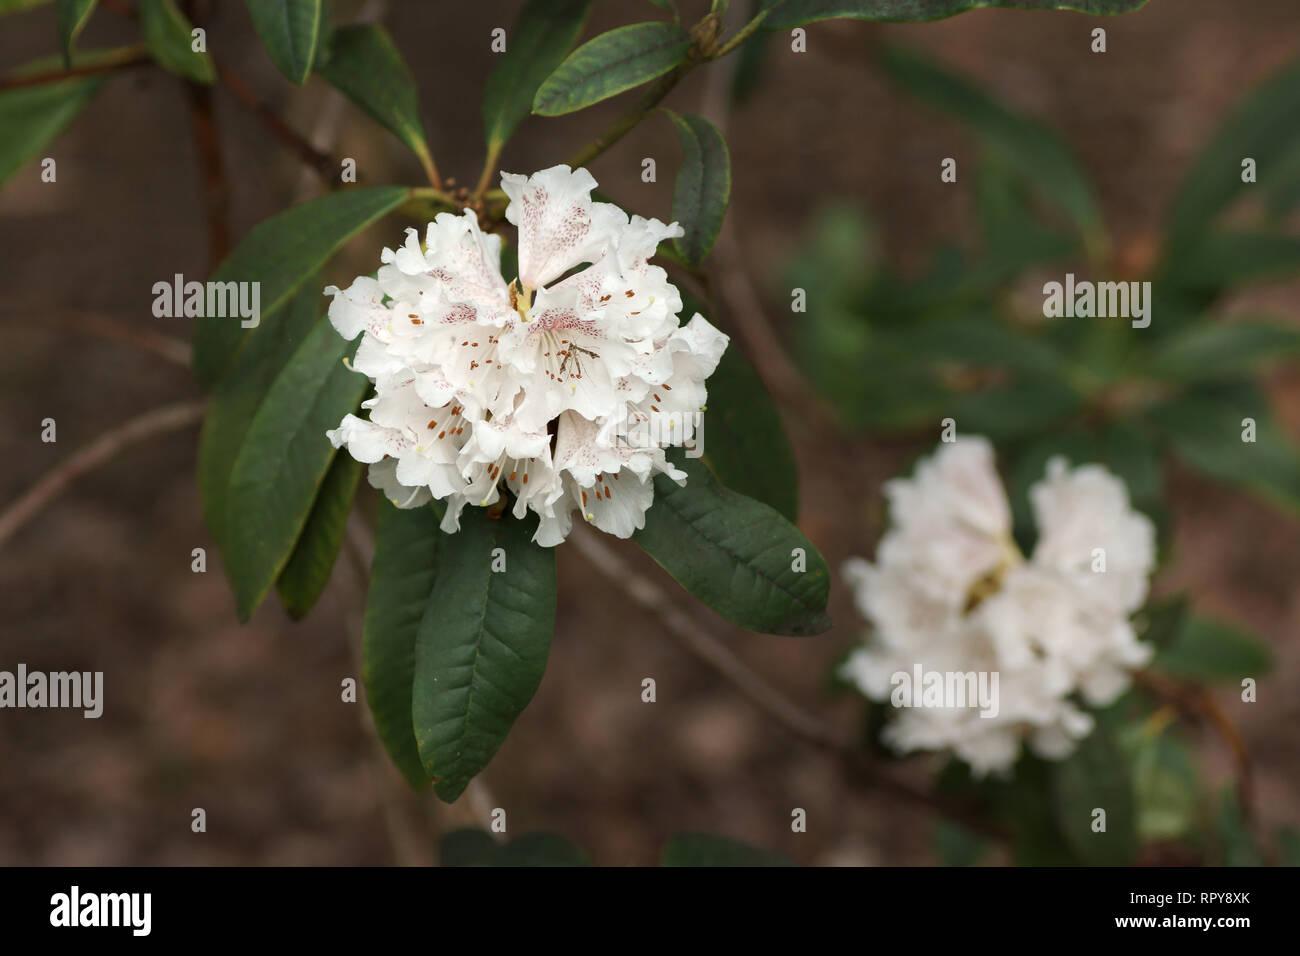 Rhododendron arboreum ssp cinnamomeum - Stock Image